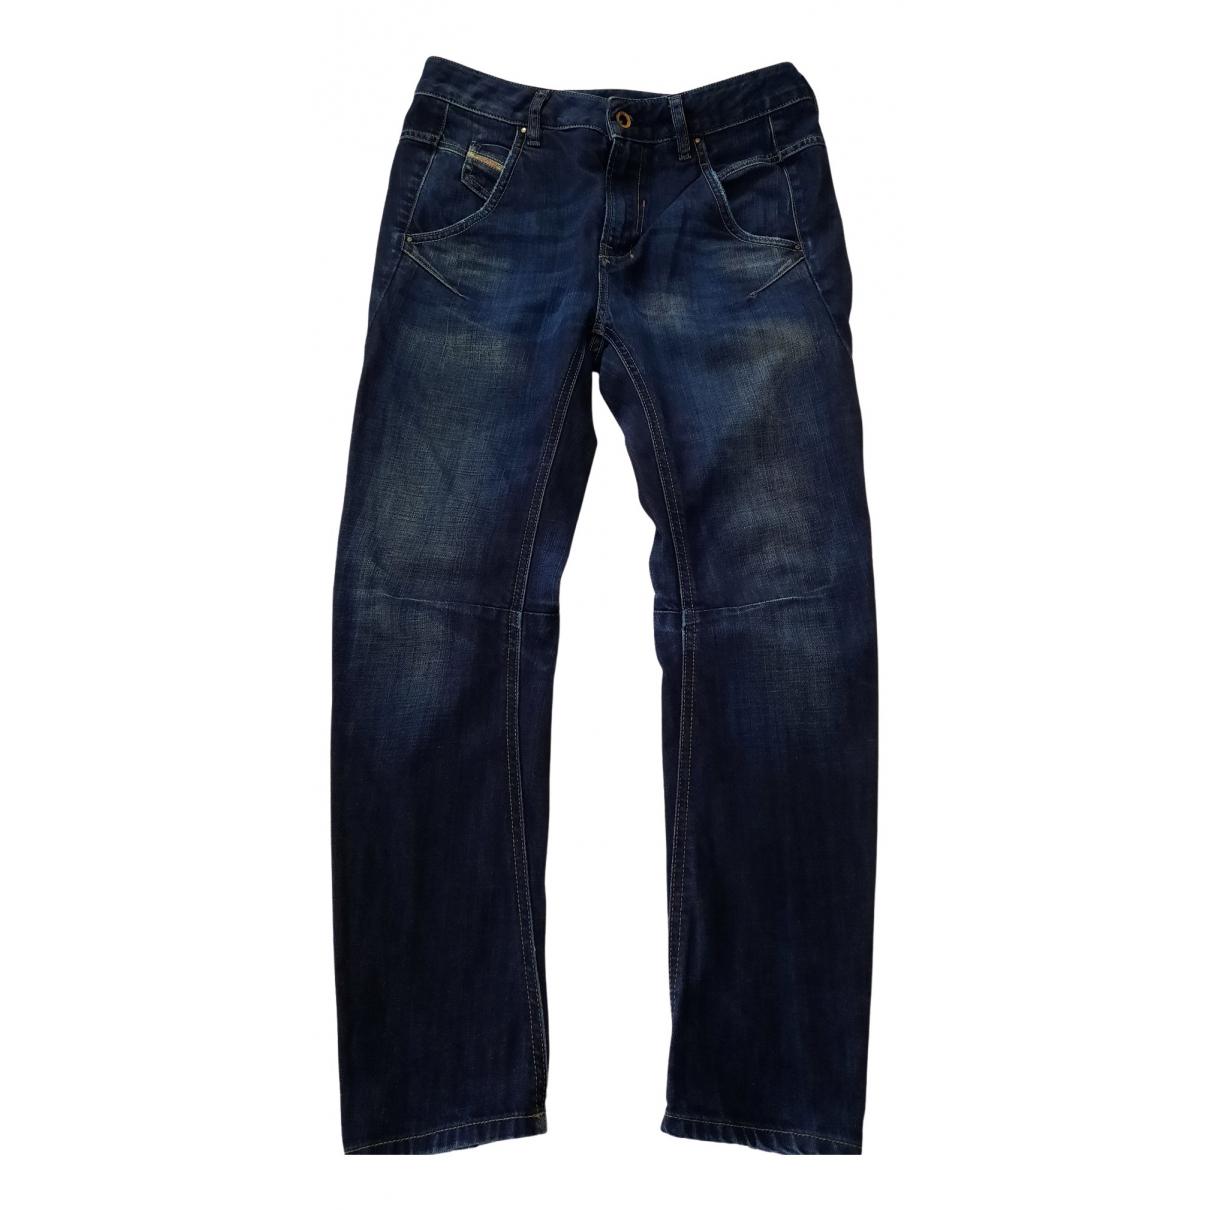 Diesel - Jean   pour femme en coton - marine